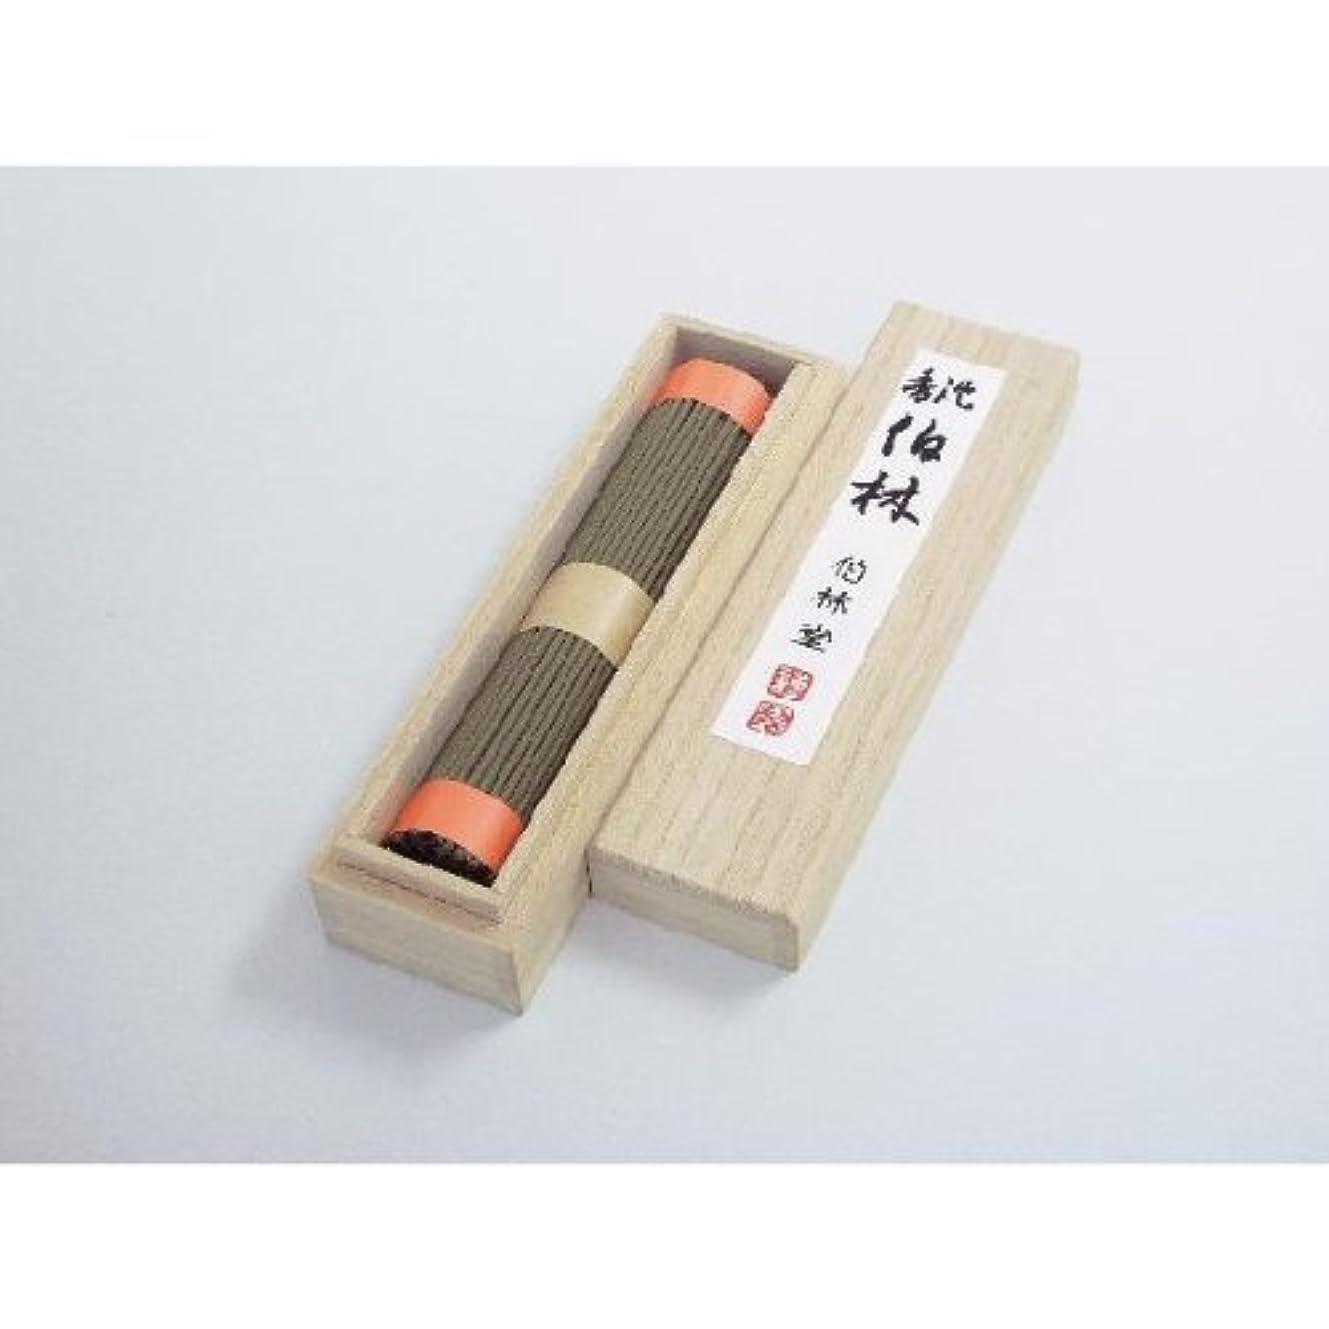 変動するアグネスグレイ皿沈香伯林(短寸1把詰) お線香